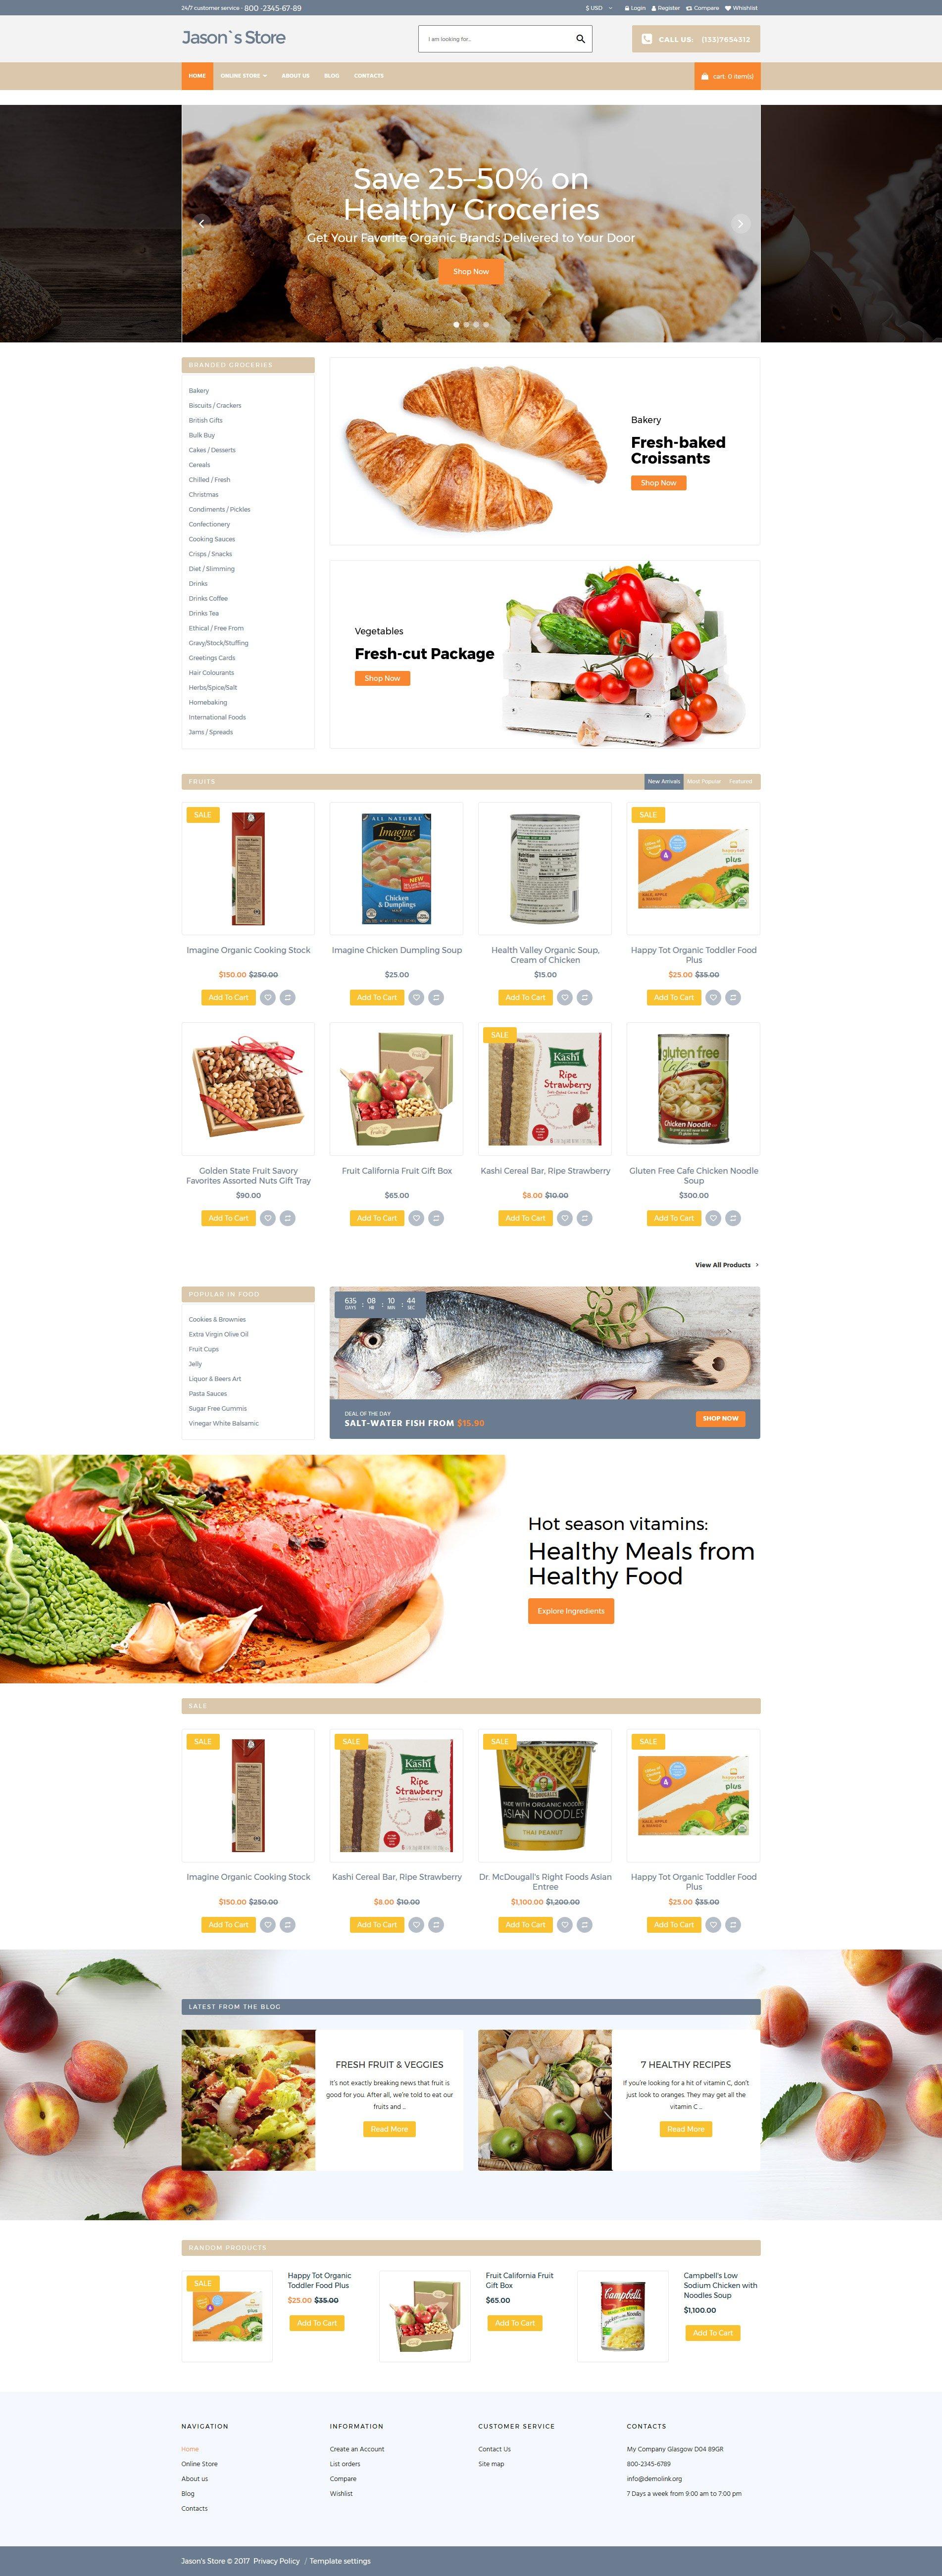 食品网店VirtueMart模板 #64033 - 截图